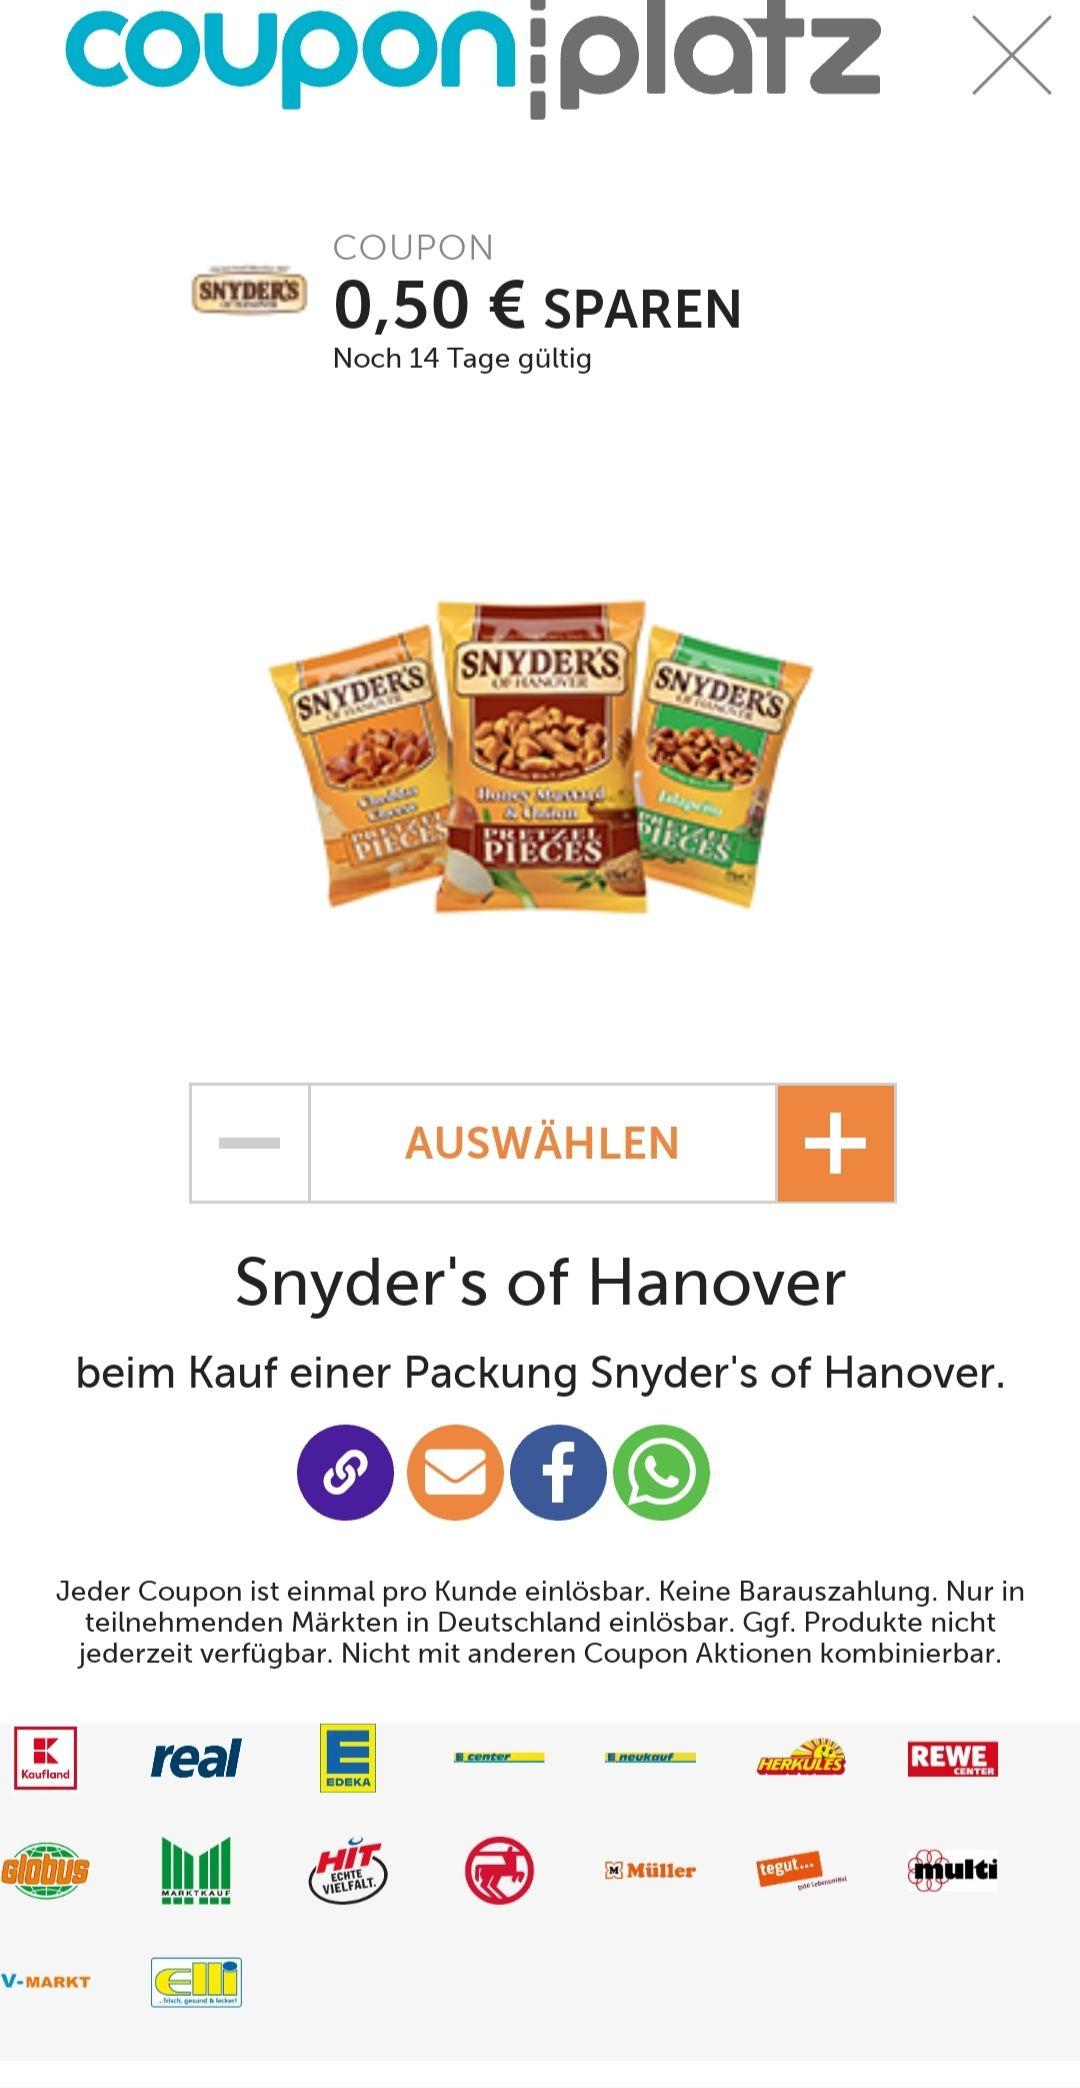 [Couponplatz.de] 0,50€ Rabatt beim Kauf von einer Packung Snyder's of Hanover